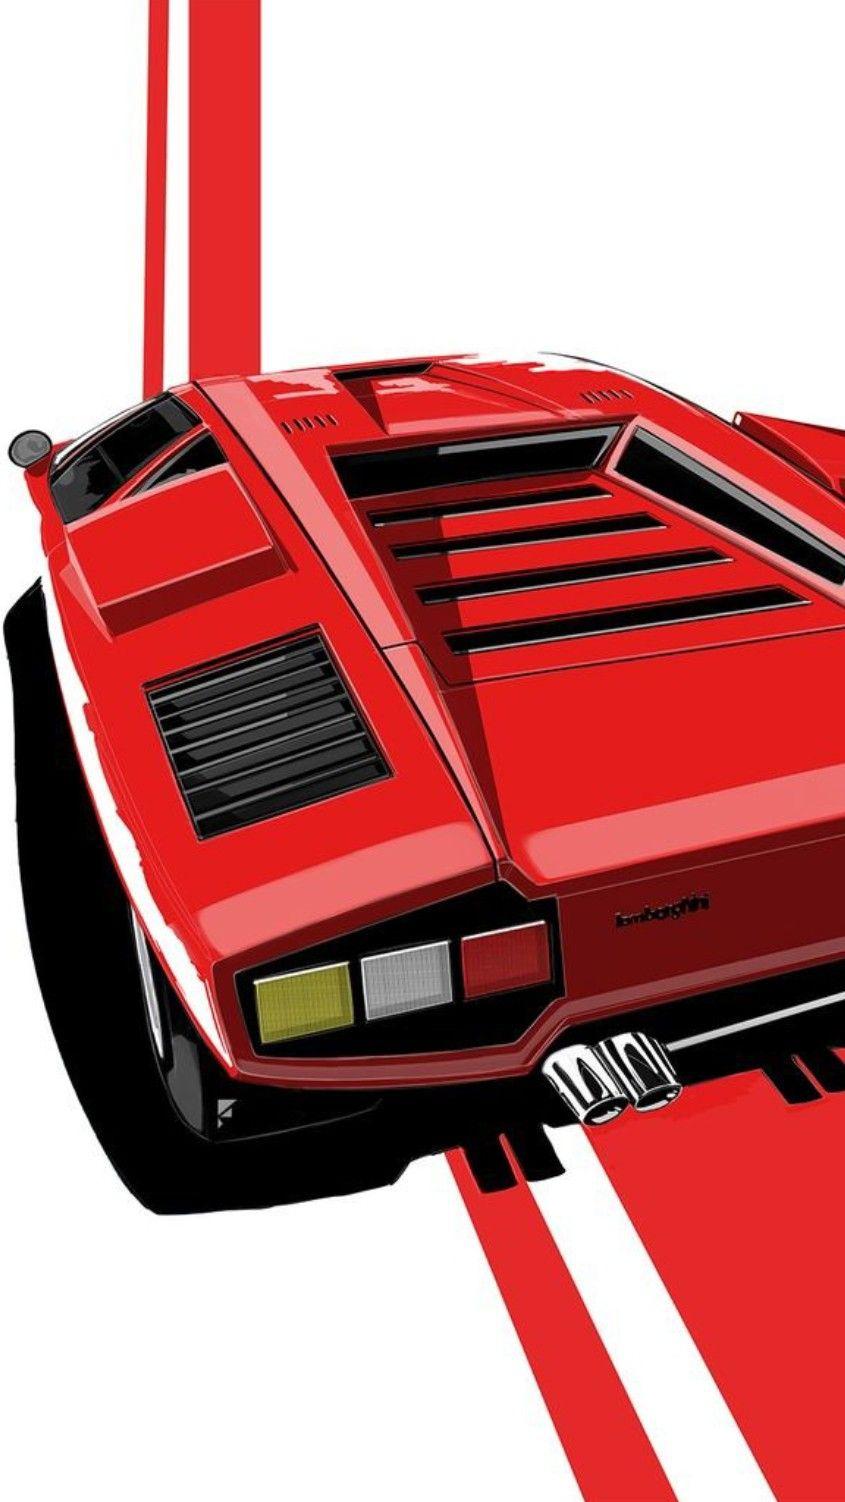 Lamborghini Diablo Iphone Wallpaper Iphoneswallpapers Com Iphone